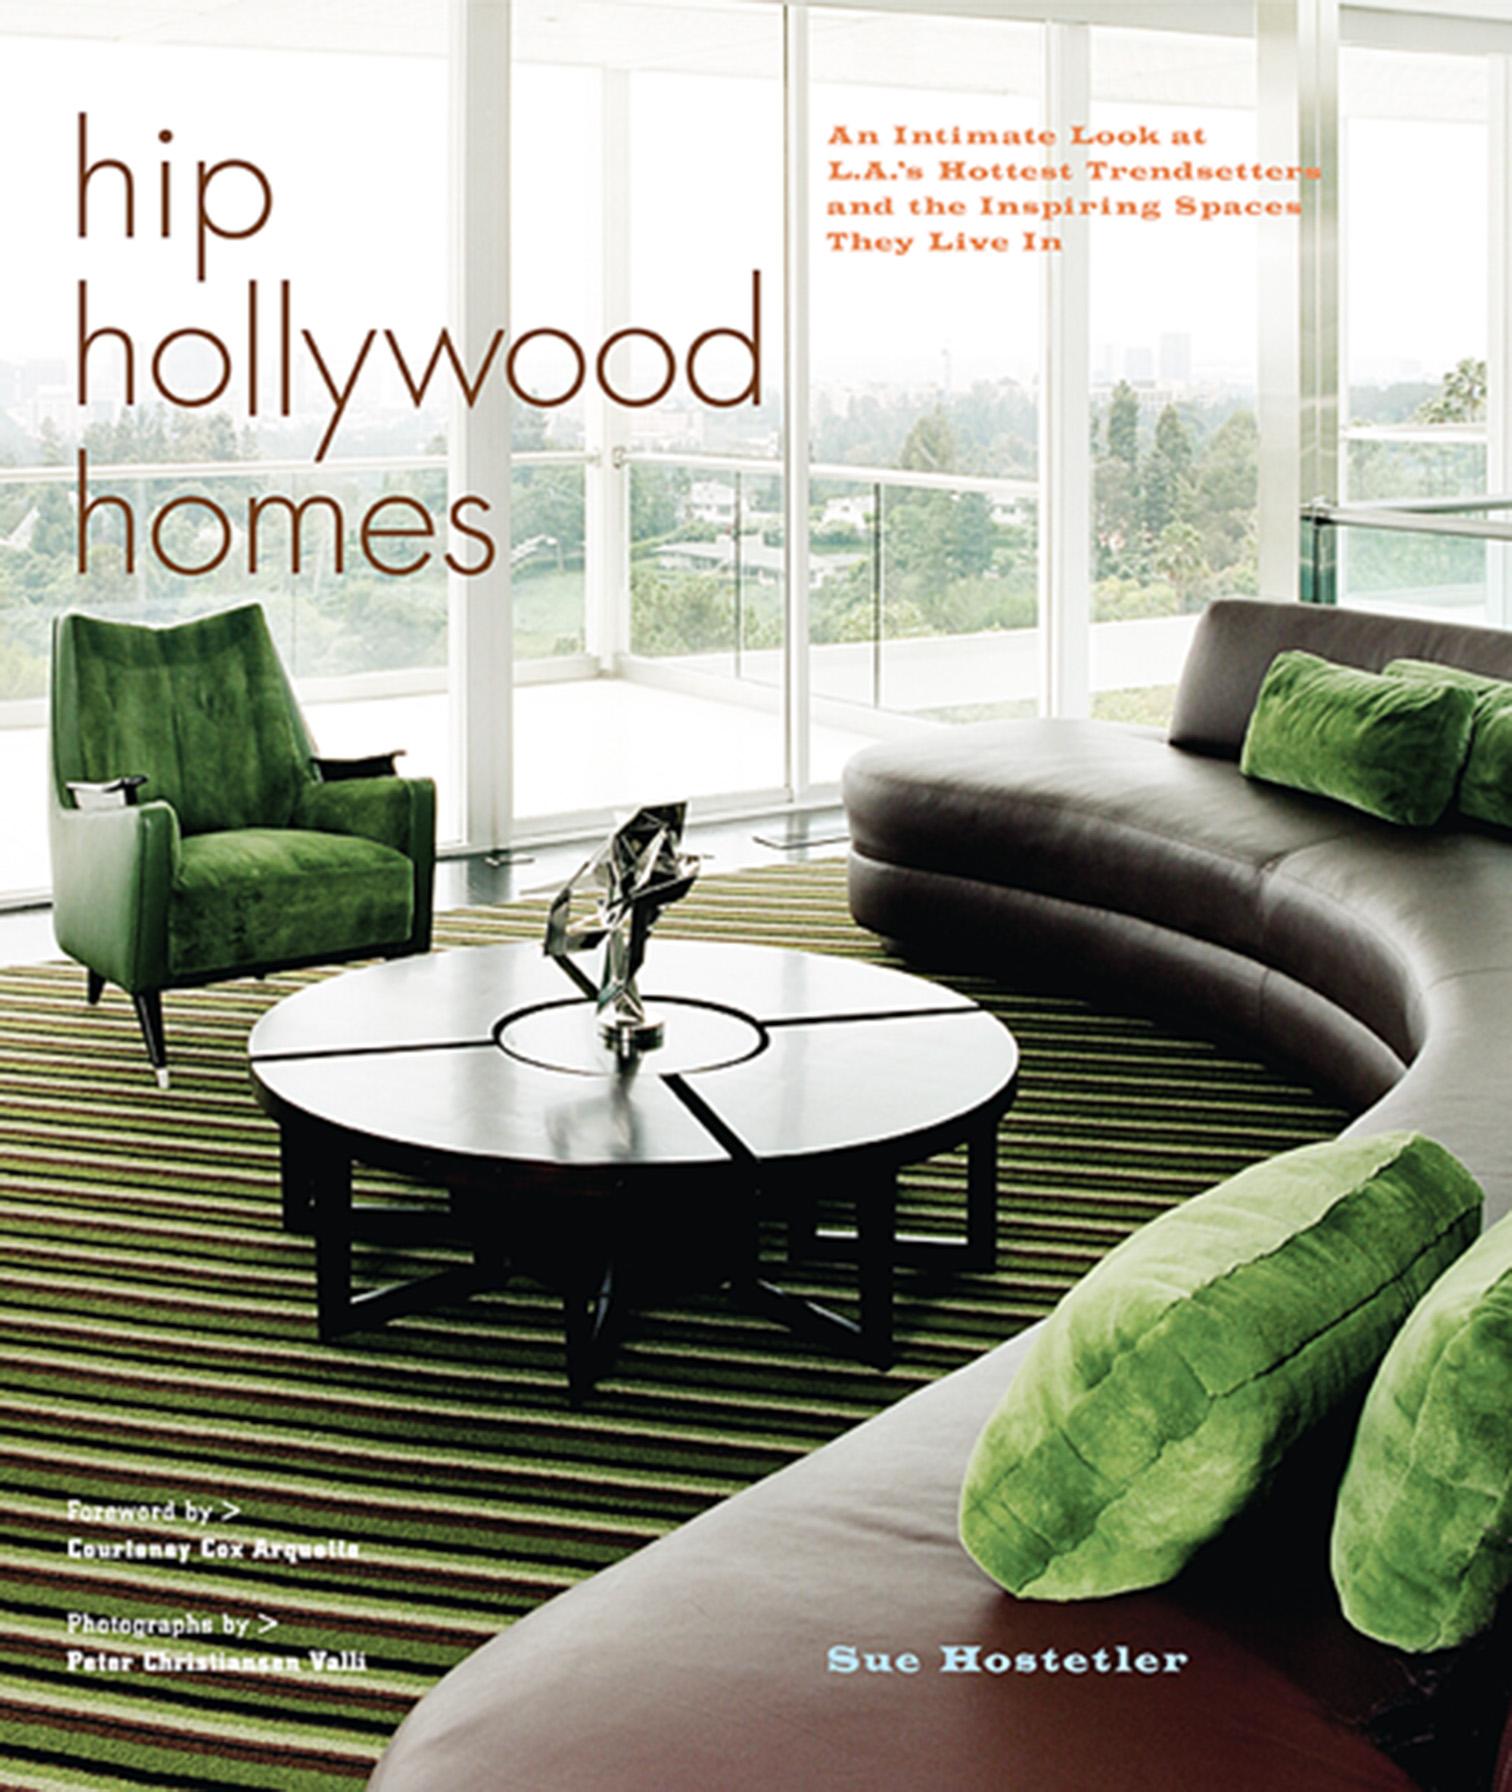 HHH_cover2.jpg